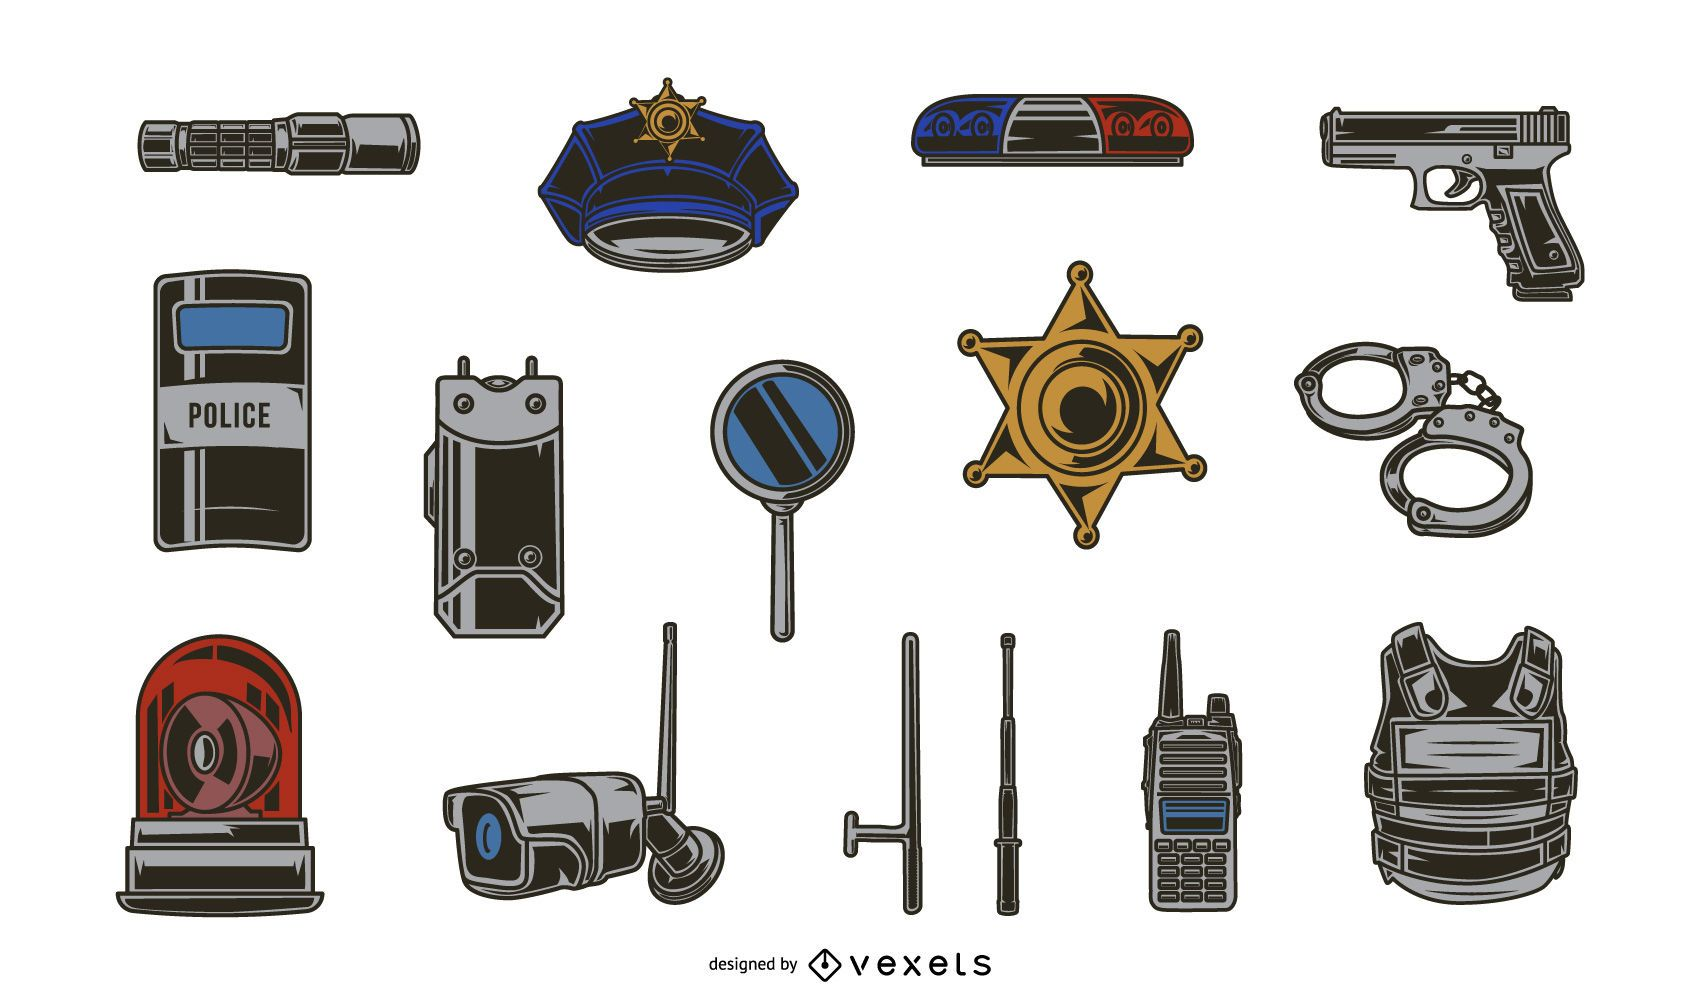 Police Elements Illustration Pack